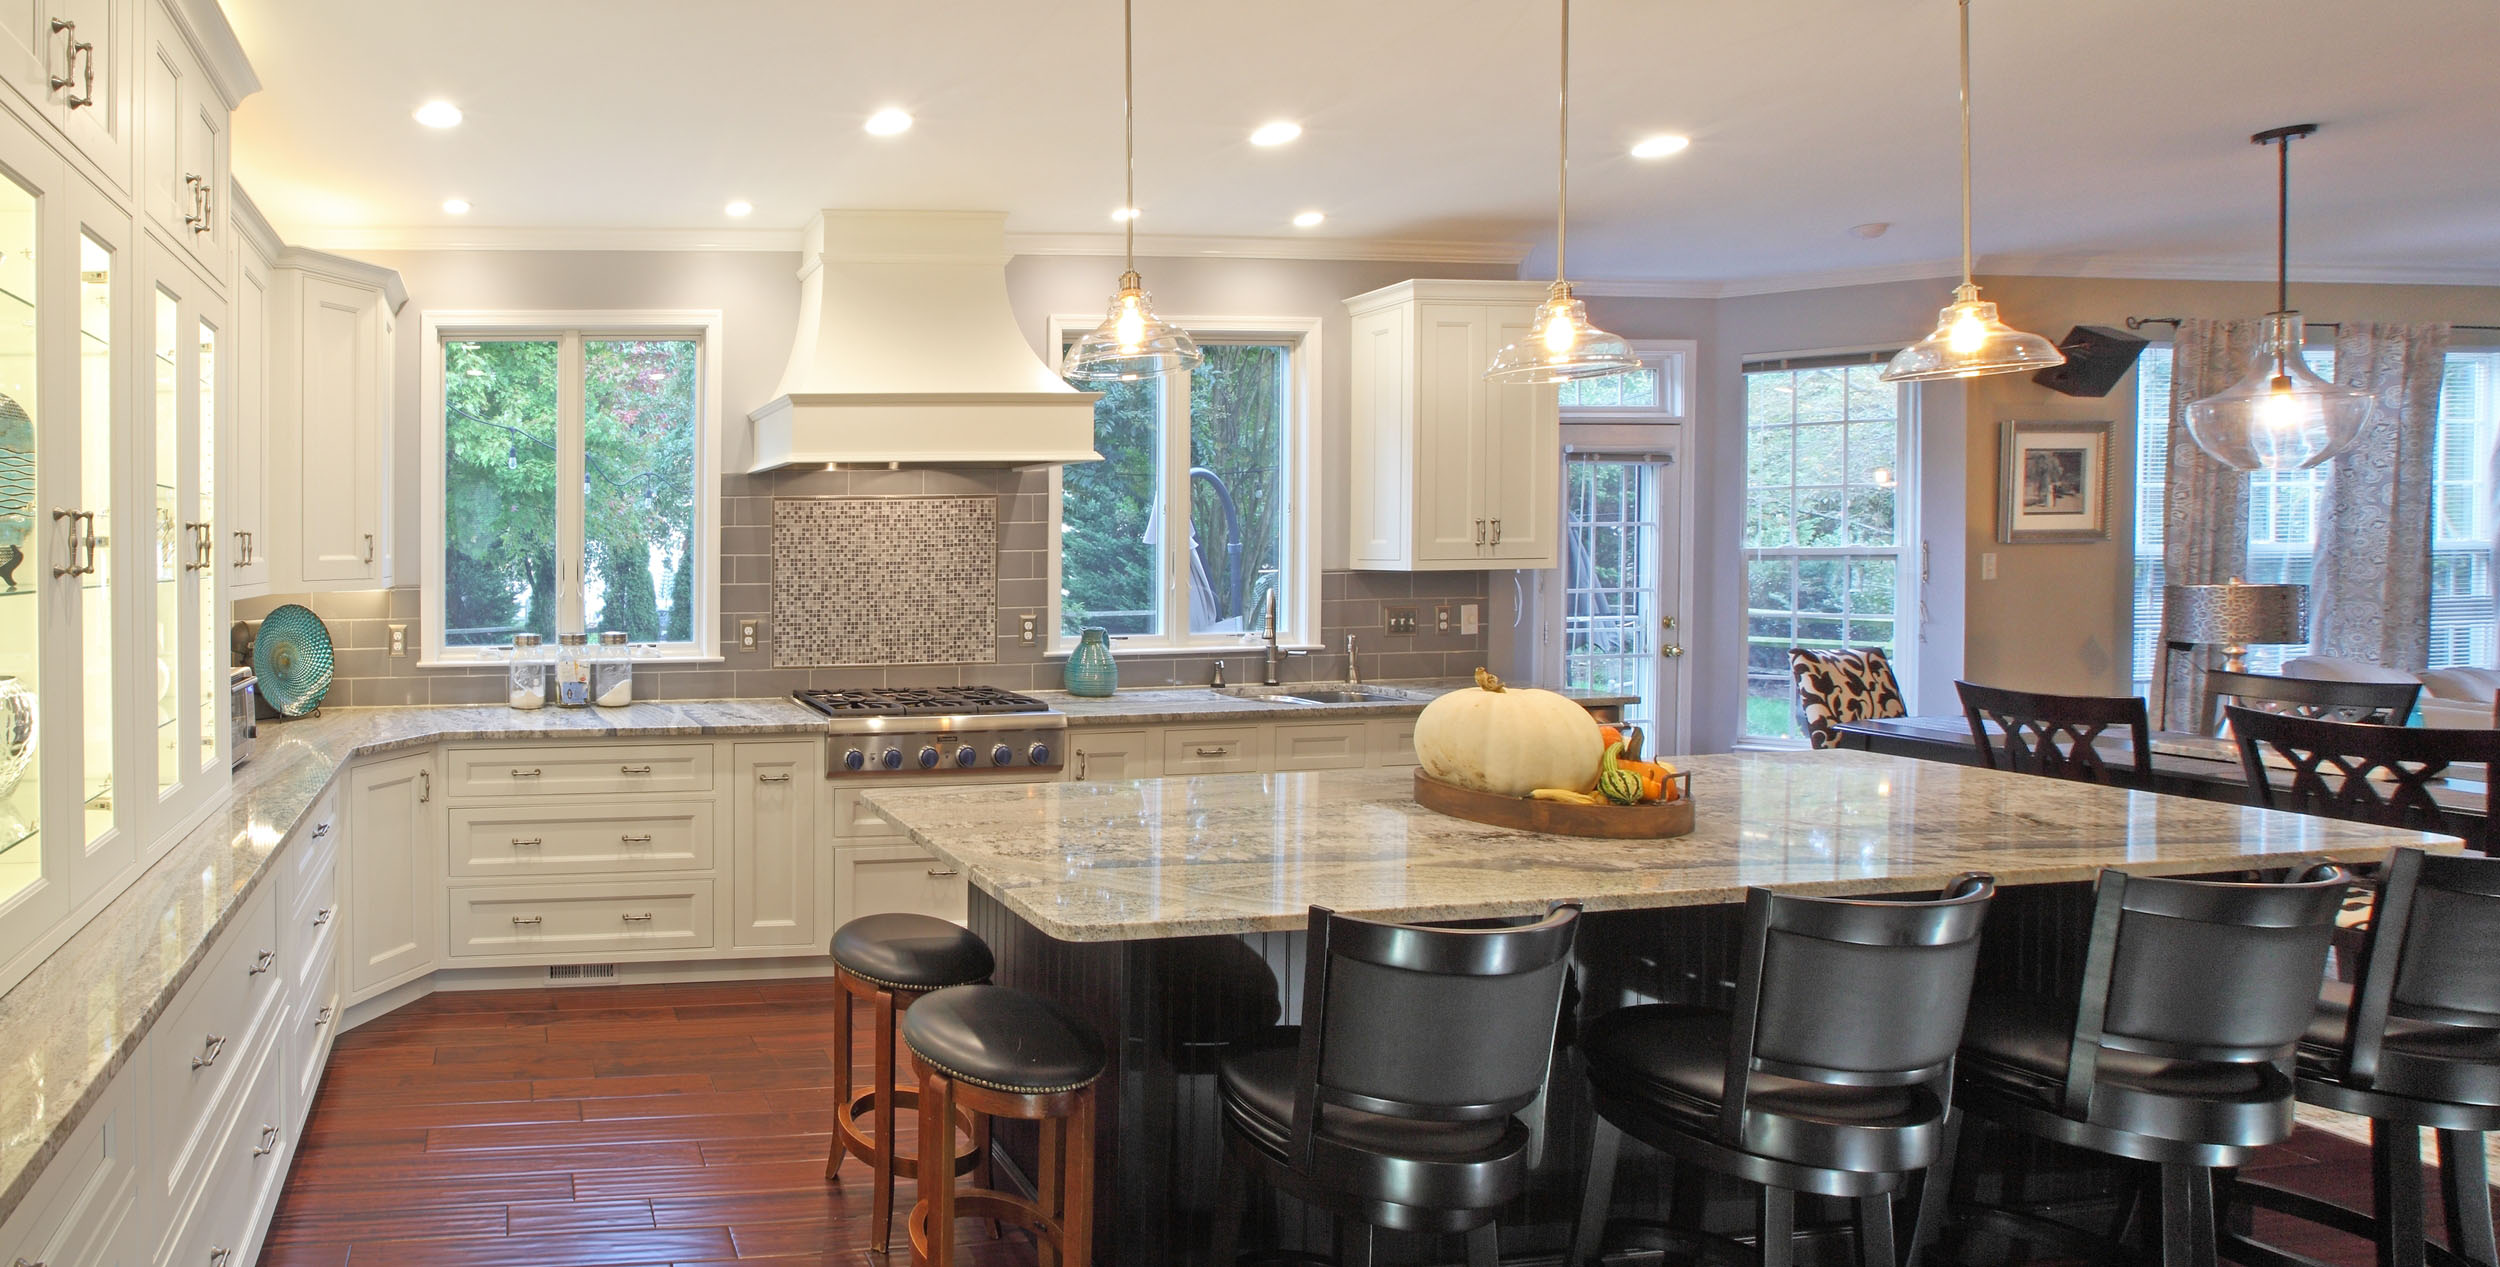 kitchen remodeling kitchen remodeling frederick md Kitchen Remodeling